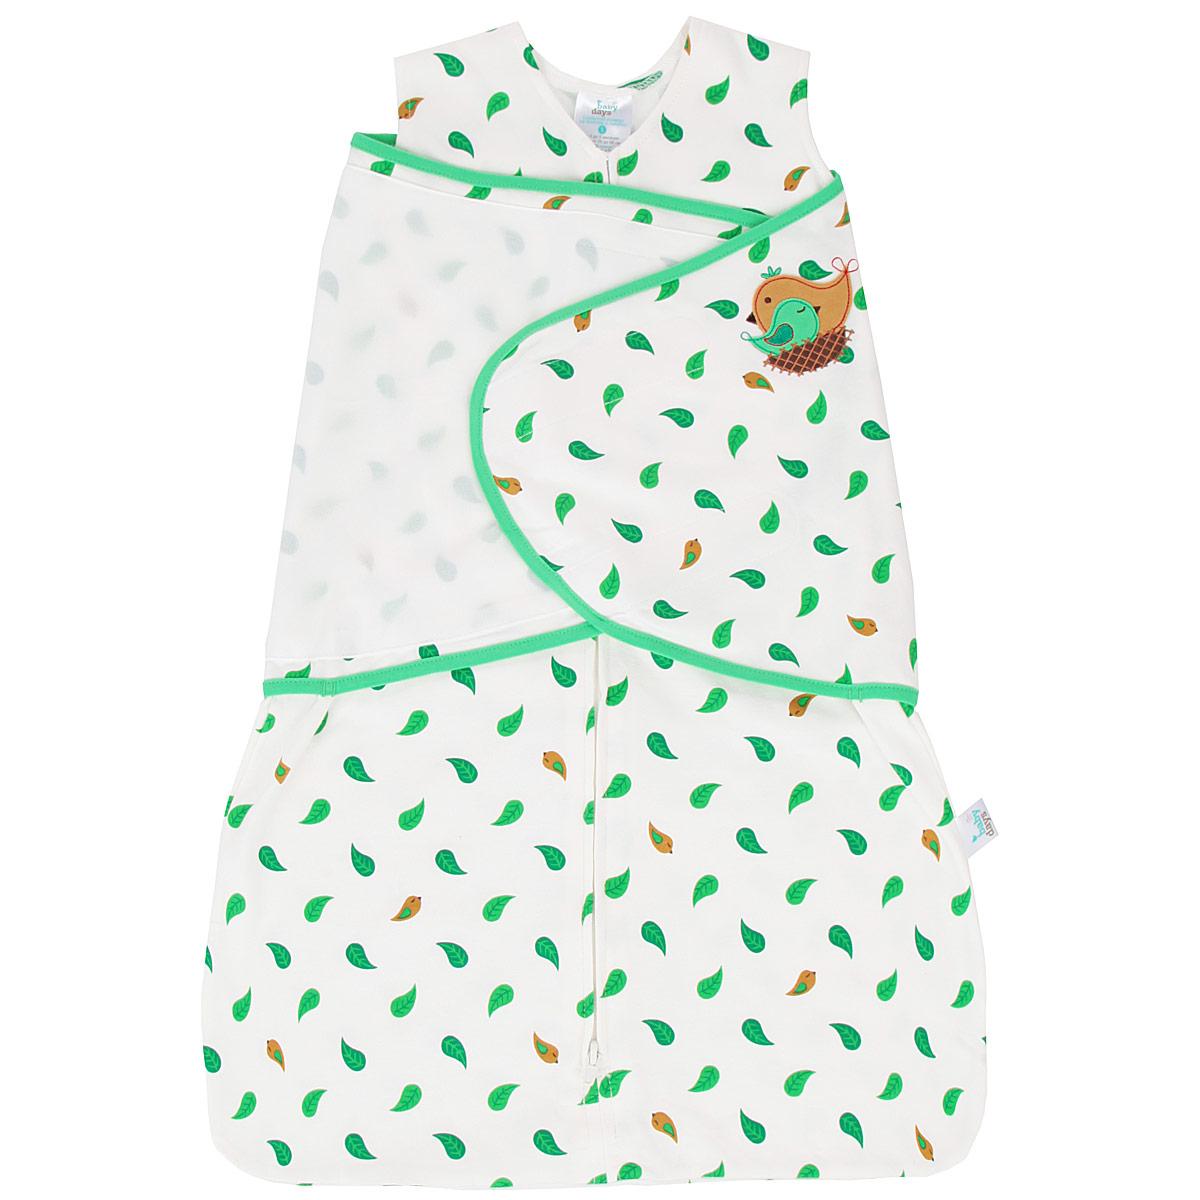 Спальный конверт для новорожденного Babydays Птичка, цвет: белый, зеленый. bd20001. Размер Nb 48/58, 0-3 месяца0101-400 LNA_белый _58-66 см.Спальный конверт для новорожденного Babydays Птичка, изготовленный из натурального хлопка, необычайно мягкий и легкий, не раздражает нежную кожу ребенка, и хорошо вентилируются и отлично впитывает влагу, а эластичные швы приятны телу ребенка и не препятствуют его движениям. Модель спроектирована с учетом максимальной безопасности и комфорта, заменяя традиционные одеяльца, которые могут закрыть малышу лицо и затруднить дыхание. Безрукавный крой снижает риск перегрева. Свободный крой не сковывает движения, что важно для правильного развития тазобедренного сустава.Конверт застегивается на пластиковую застежку-молнию снизу вверх, что делает удобным смену подгузников и не травмирует подбородок малыша, и дополнительно запахом на липучки. Модель спального конверта позволяет держать руки малыша как внутри, так и снаружи. Два способа пеленания малыша показаны на инструкции по использованию. Оформлено изделие принтом с изображением листочков, а также аппликацией в виде птички. Спальный конверт полностью соответствует особенностям жизни ребенка в ранний период, не стесняя и не ограничивая ее в движениях!